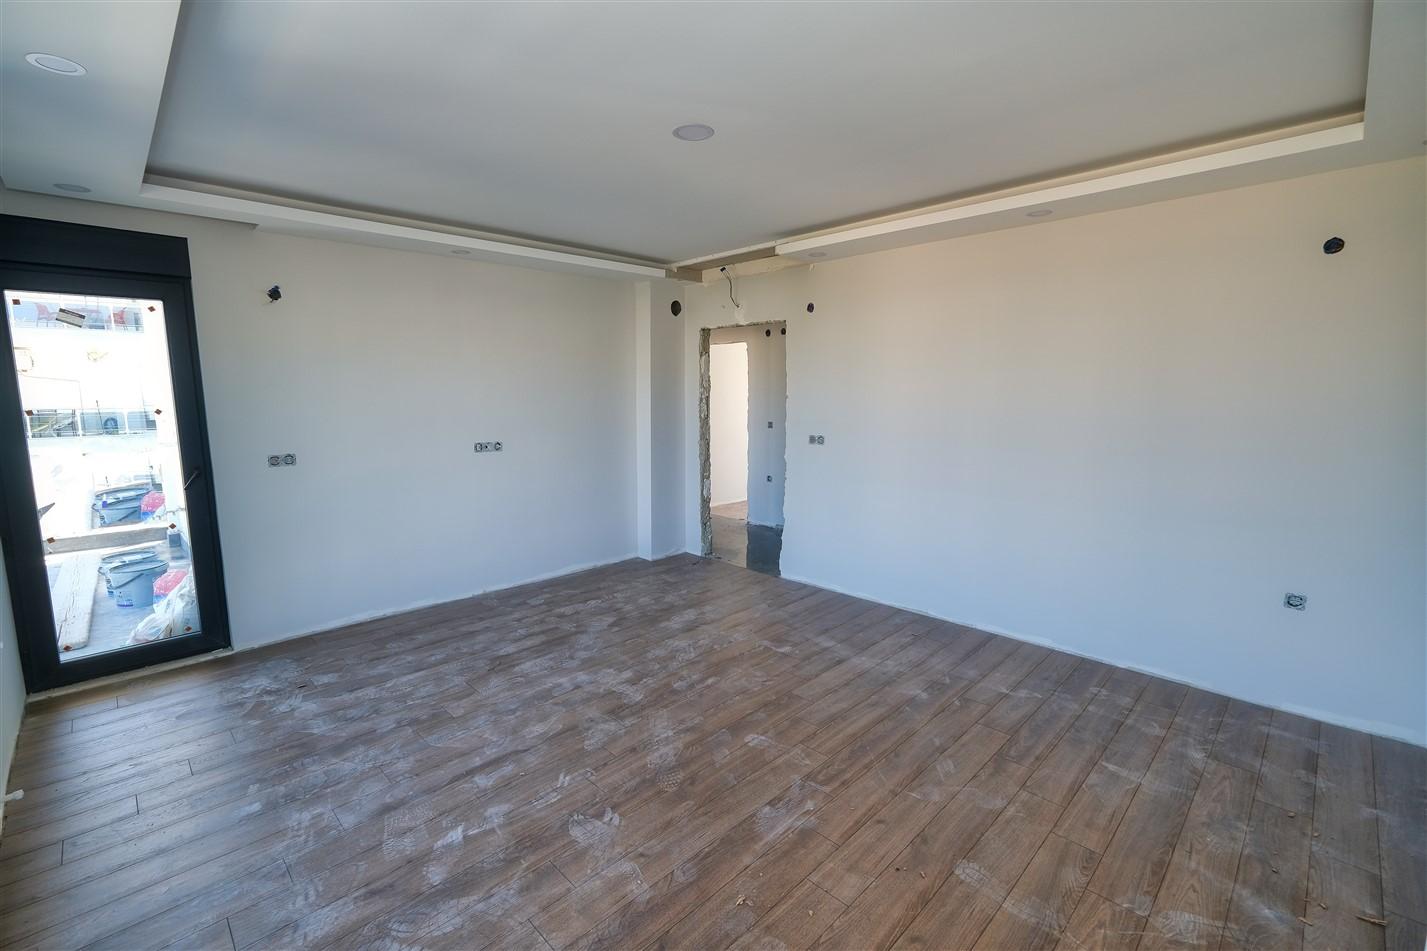 Четырёхкомнатная квартира в Анталье по демократичной цене - Фото 14